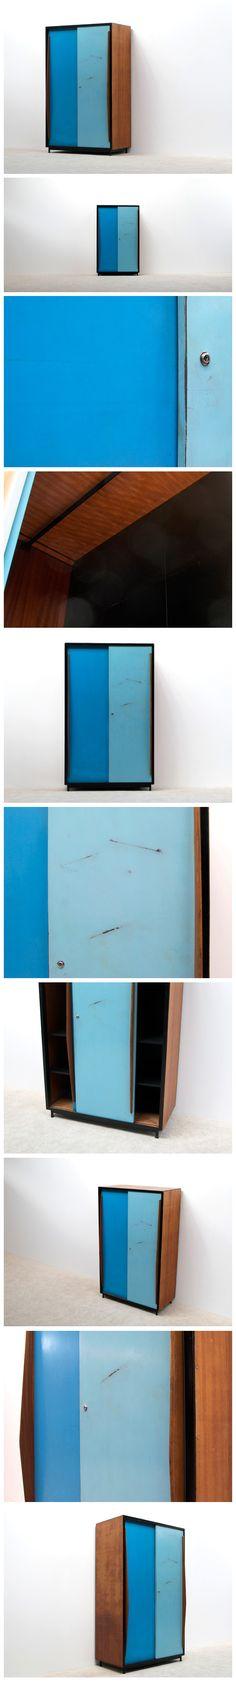 Van Der Meeren Willy Wardrobe Cabinet Tubax 1952